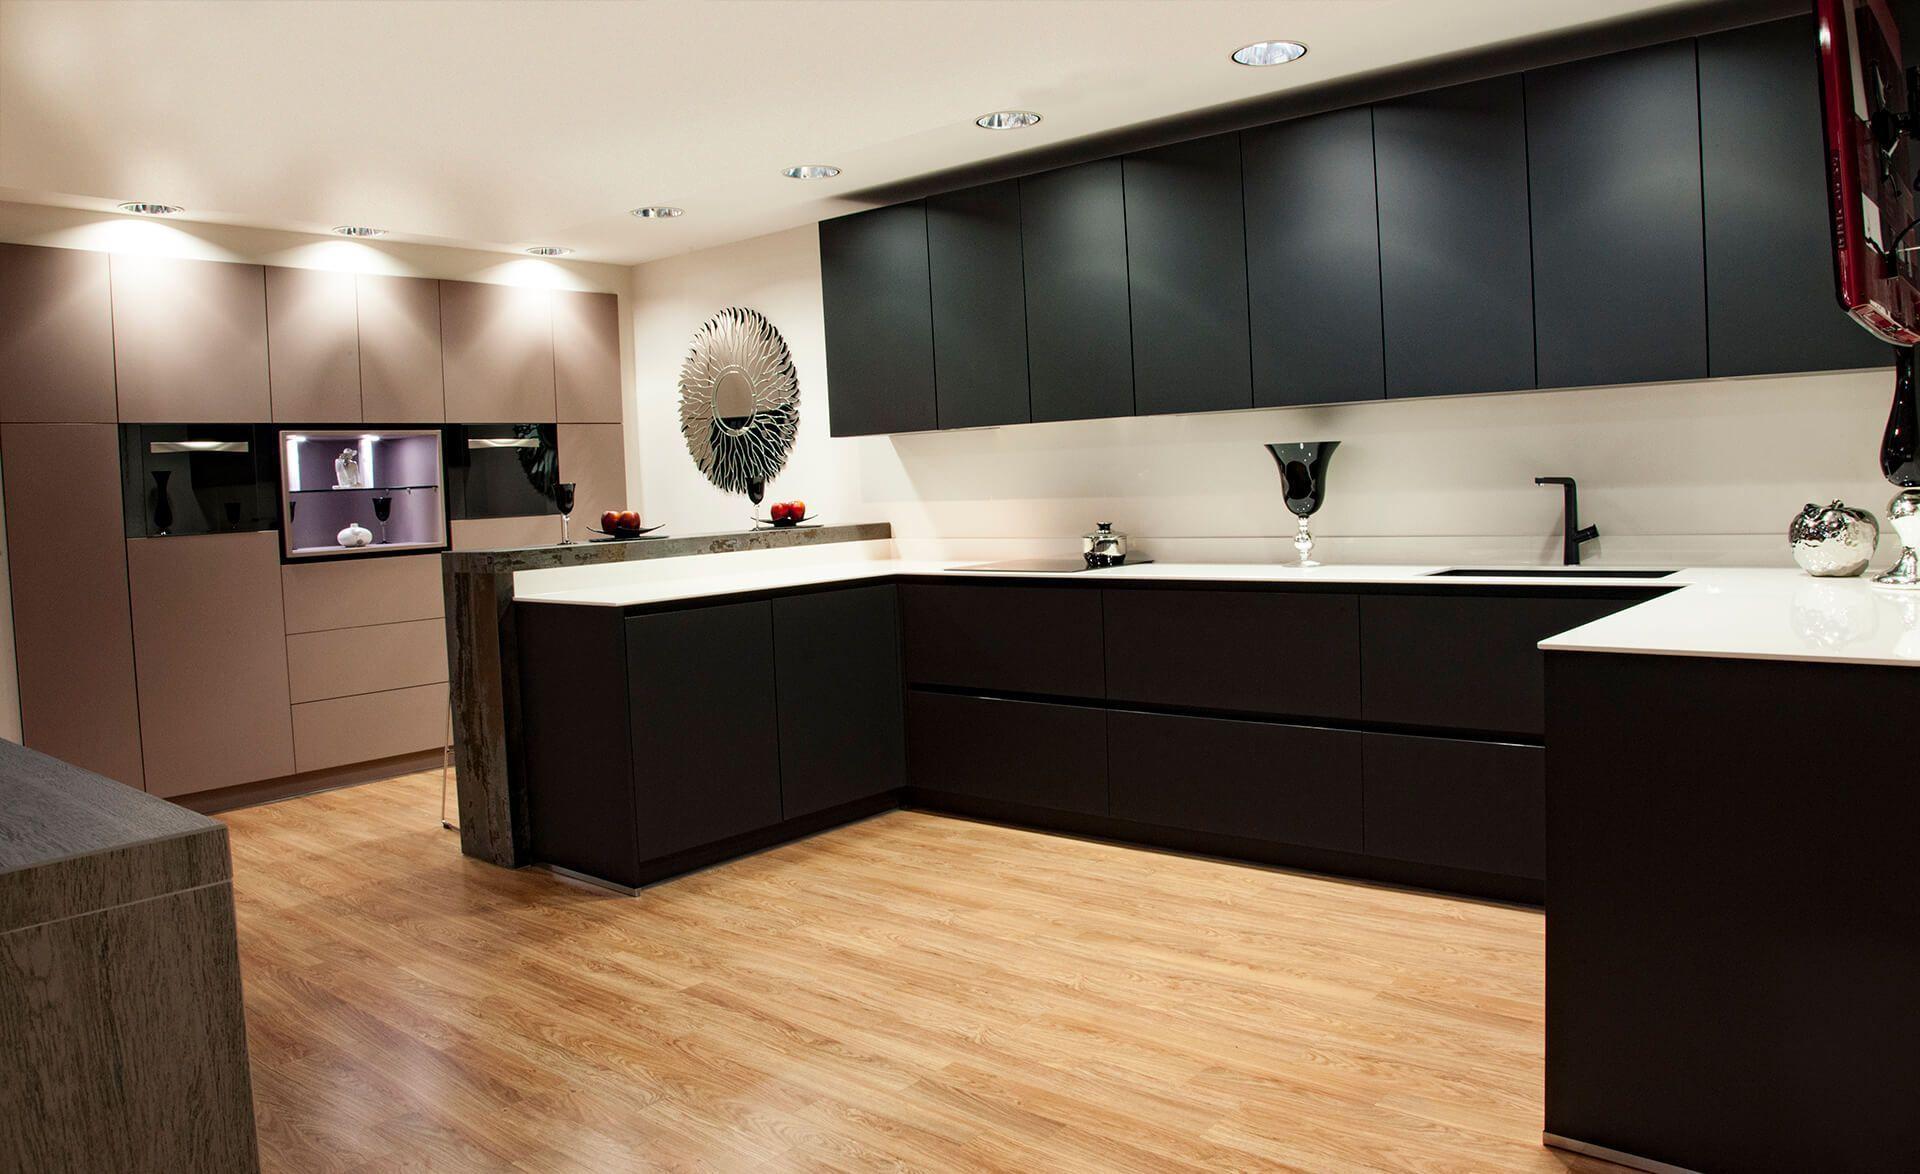 Fabricantes de muebles de cocina madrid catalogo muebles de cocina - Muebles de cocina lasan ...